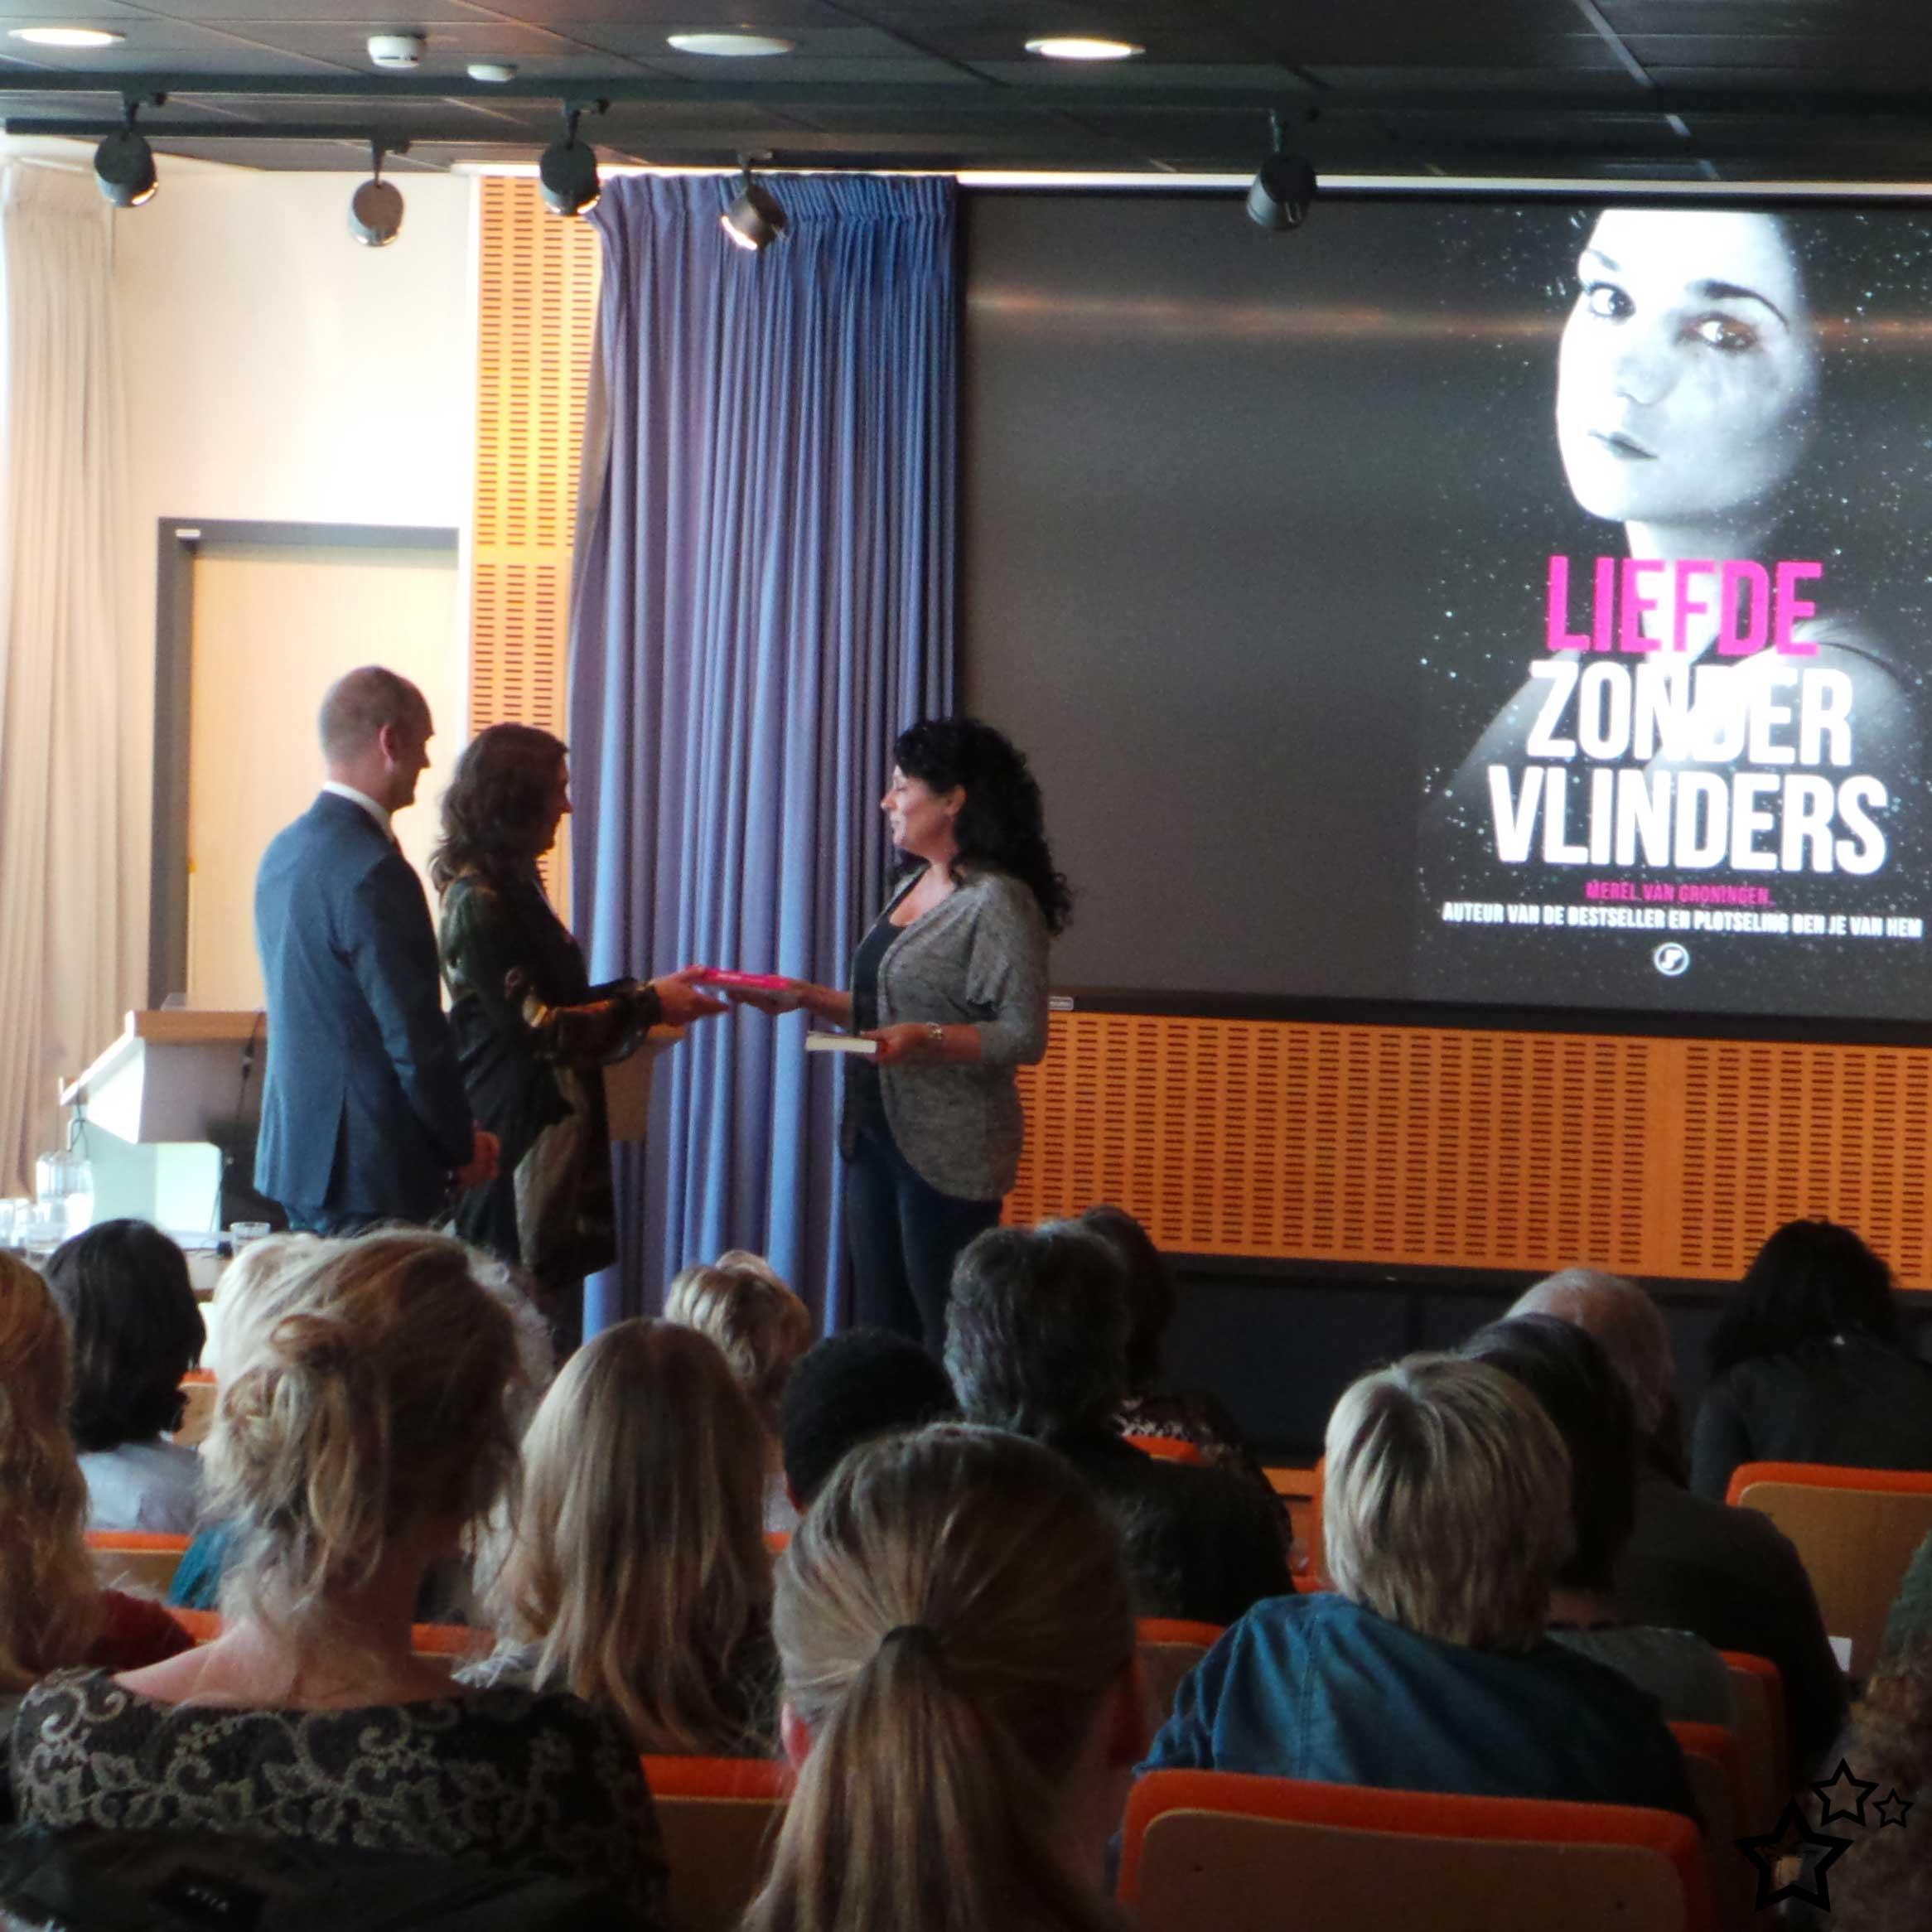 Gert-Jan Segers | Marith Rebel-Volp | overhandiging | boek | Merel van Groningen | Liefde zonder vlinders